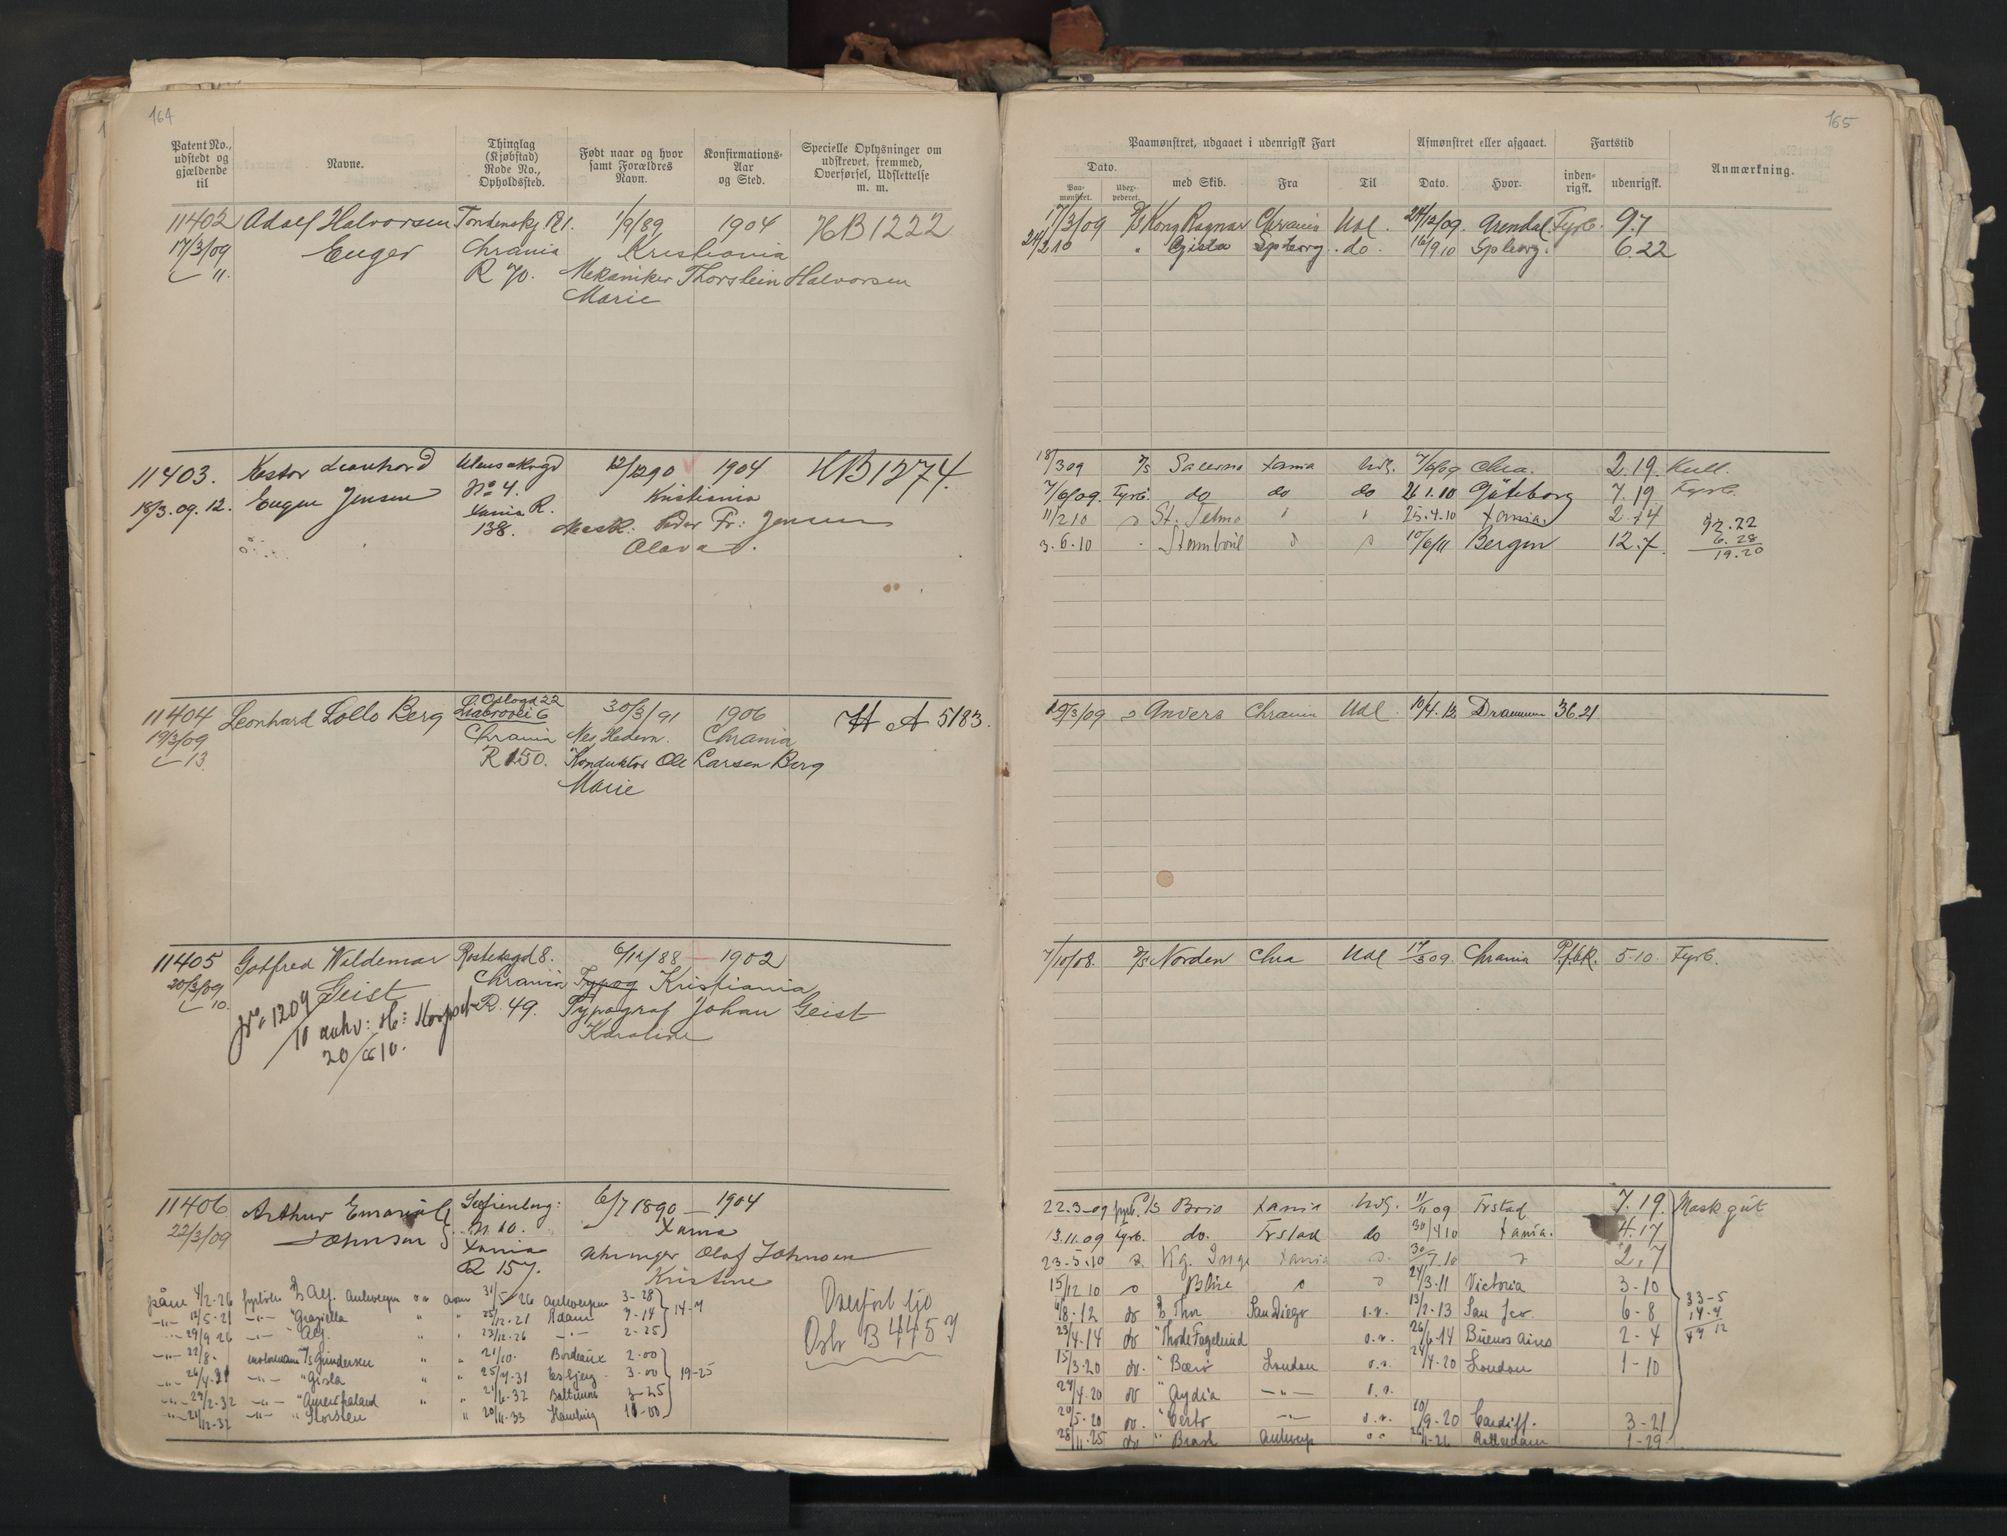 SAO, Oslo sjømannskontor, F/Fb/L0001: Annotasjonsrulle, 1908-1938, s. 164-165